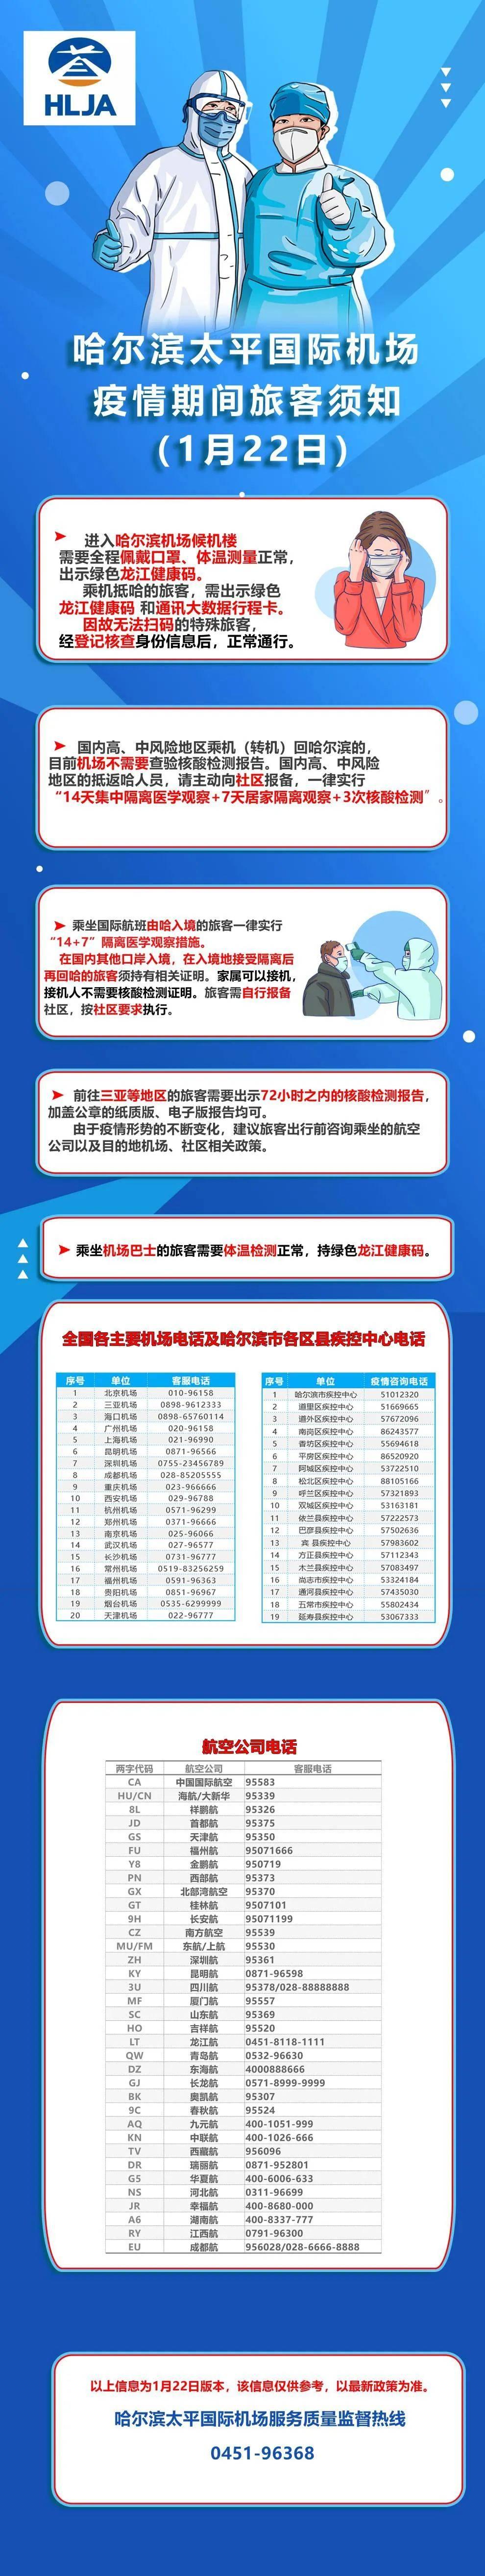 哈尔滨太平国际机场疫情期间旅客须知